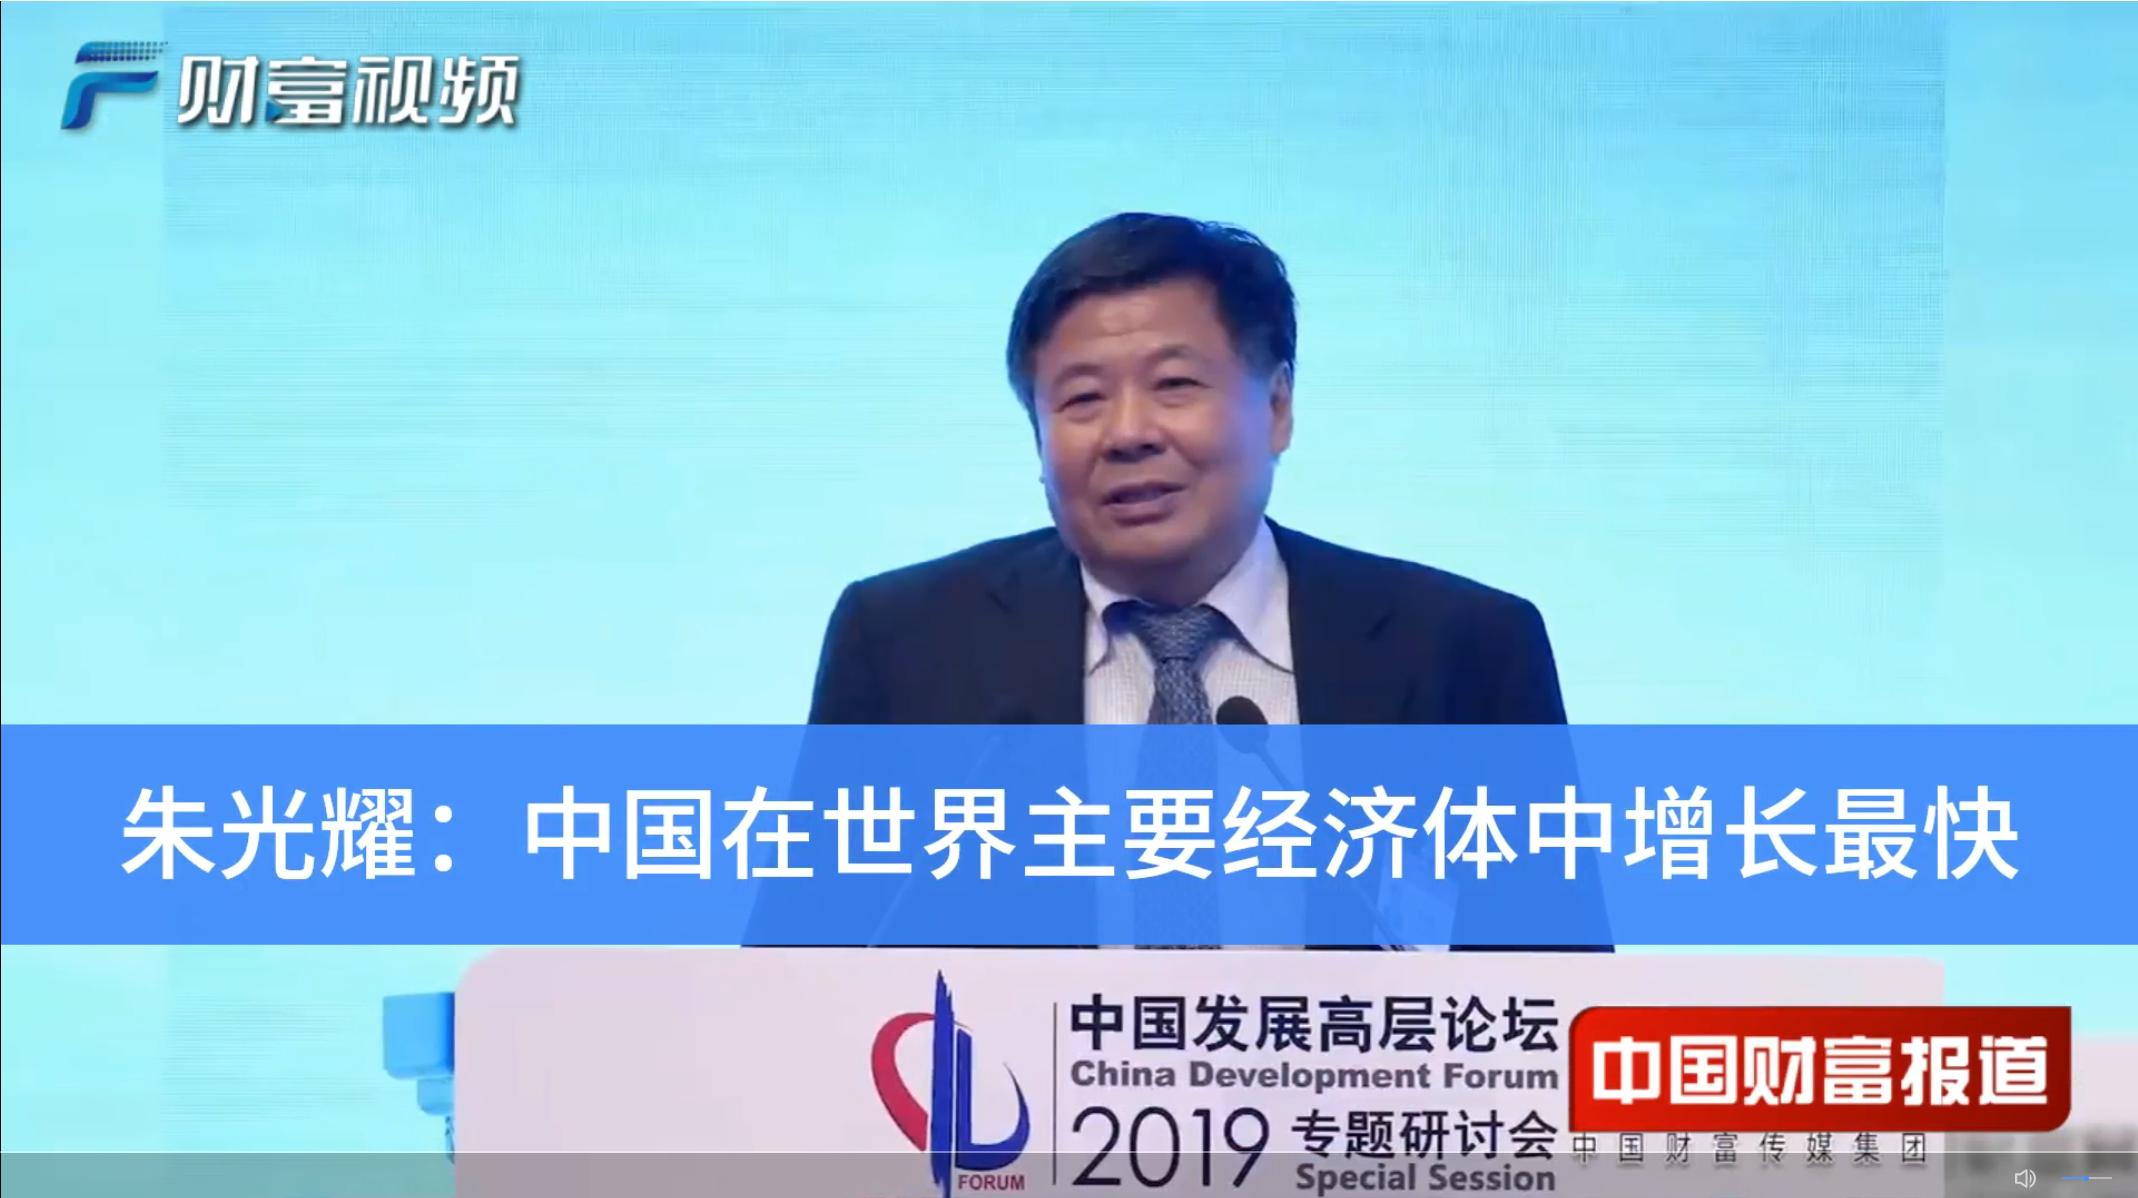 【中国财富报道】朱光耀:中国在世界主要经济体中增长最快